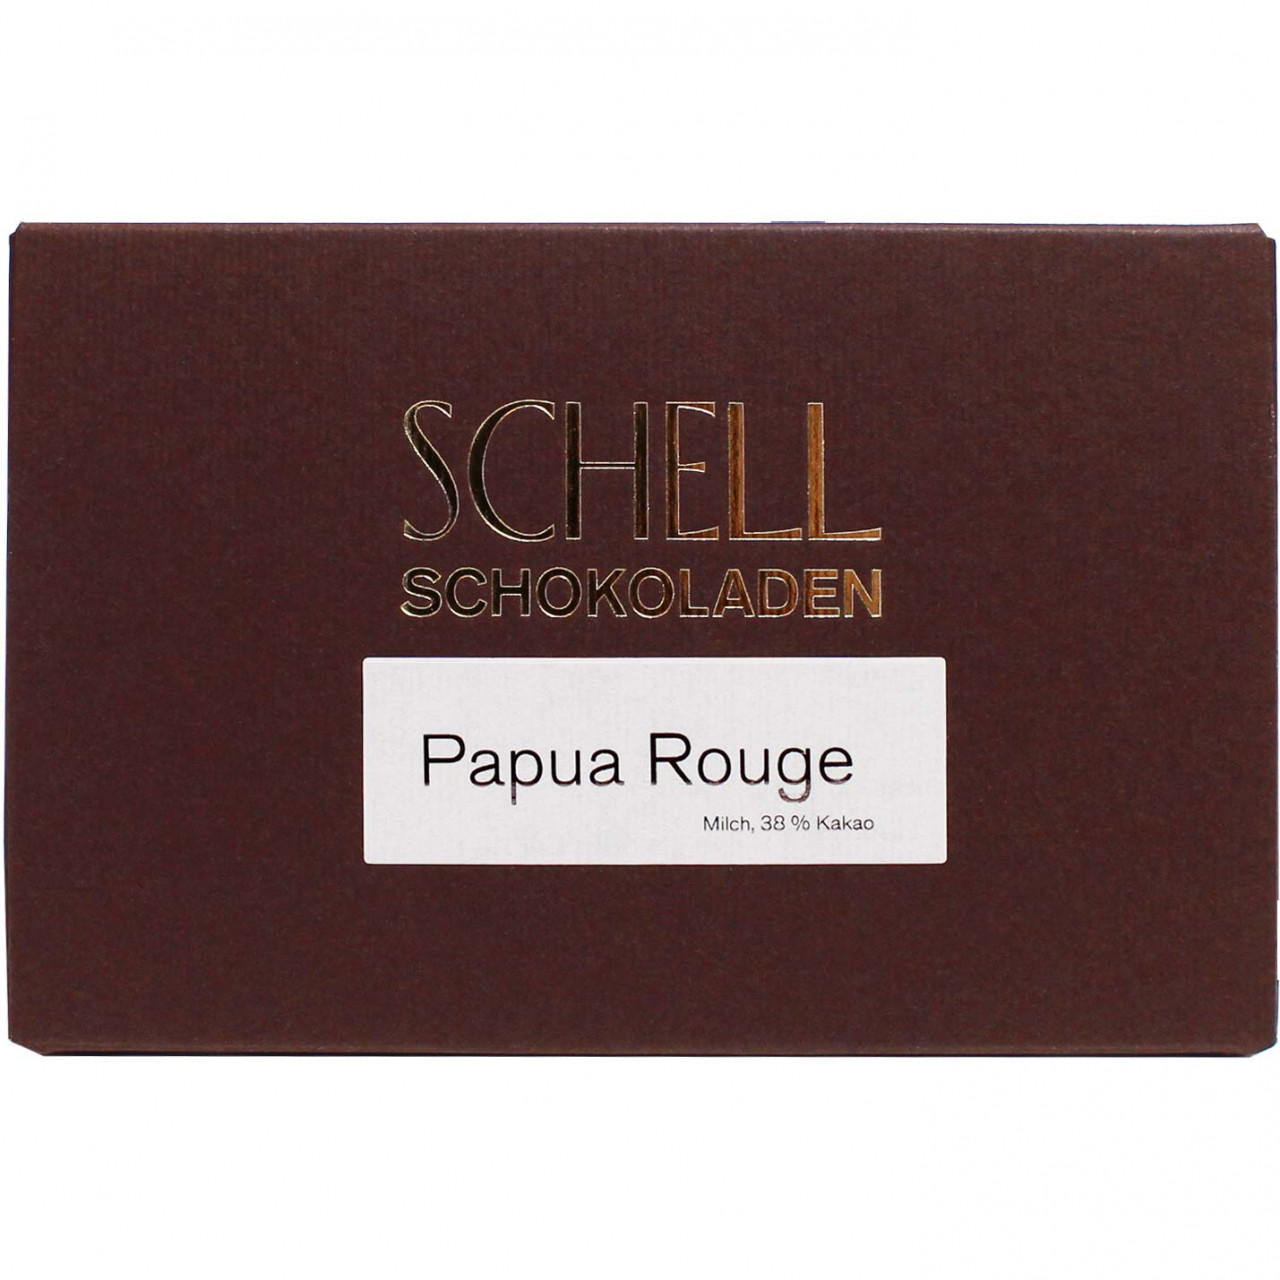 Schell, Schokoladenmanufaktur Gundelsheim, Schokolade zu Wein, milk chocolate, Barrique Schokolade,  - Tavola di cioccolato, Germania, cioccolato tedesco, Cioccolato con pepe - Chocolats-De-Luxe